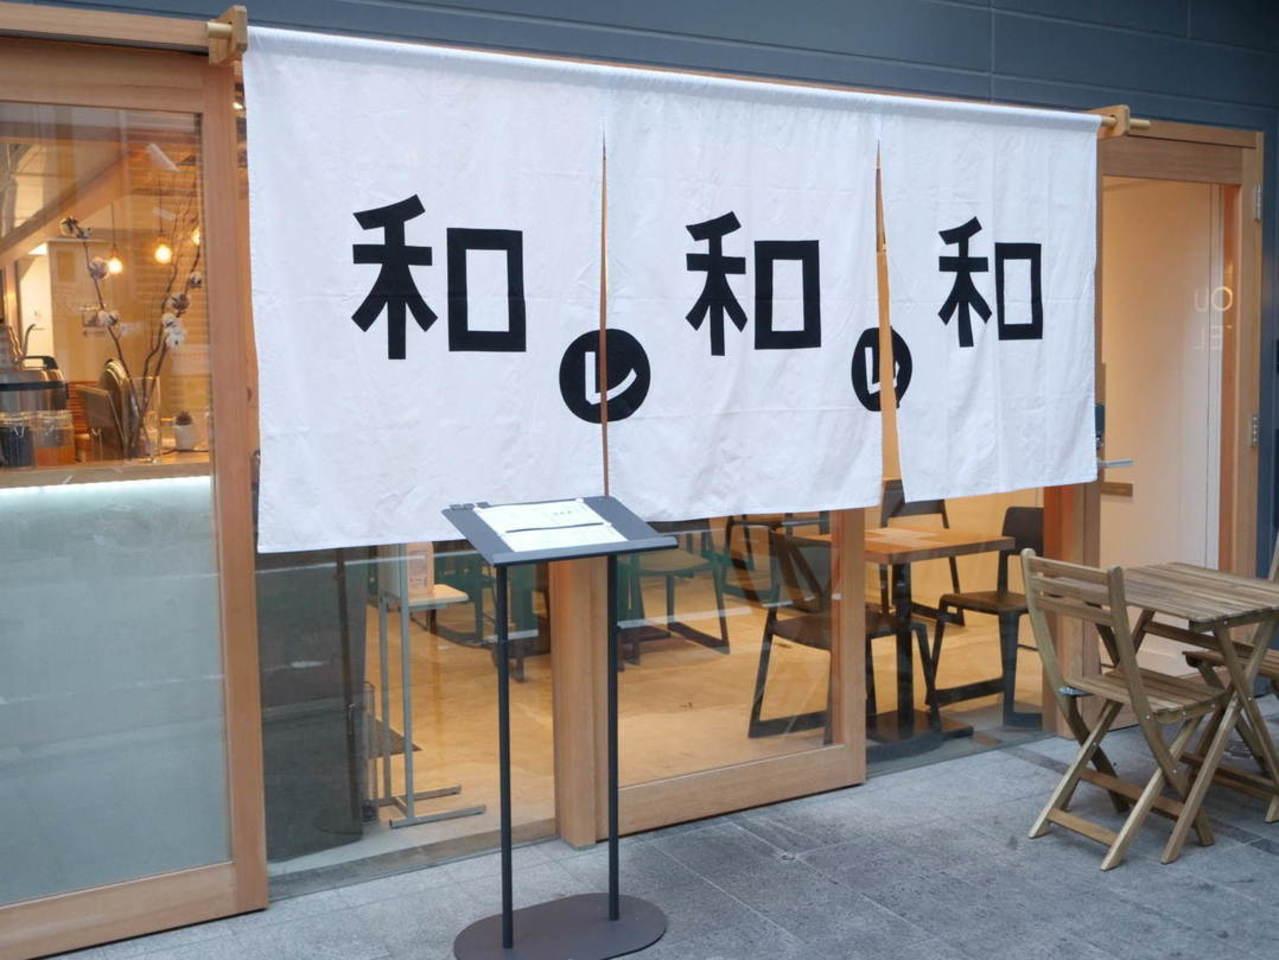 大阪市中央区久太郎町3丁目に和カフェ「和レ和レ和」11月20日リニューアルオープン!